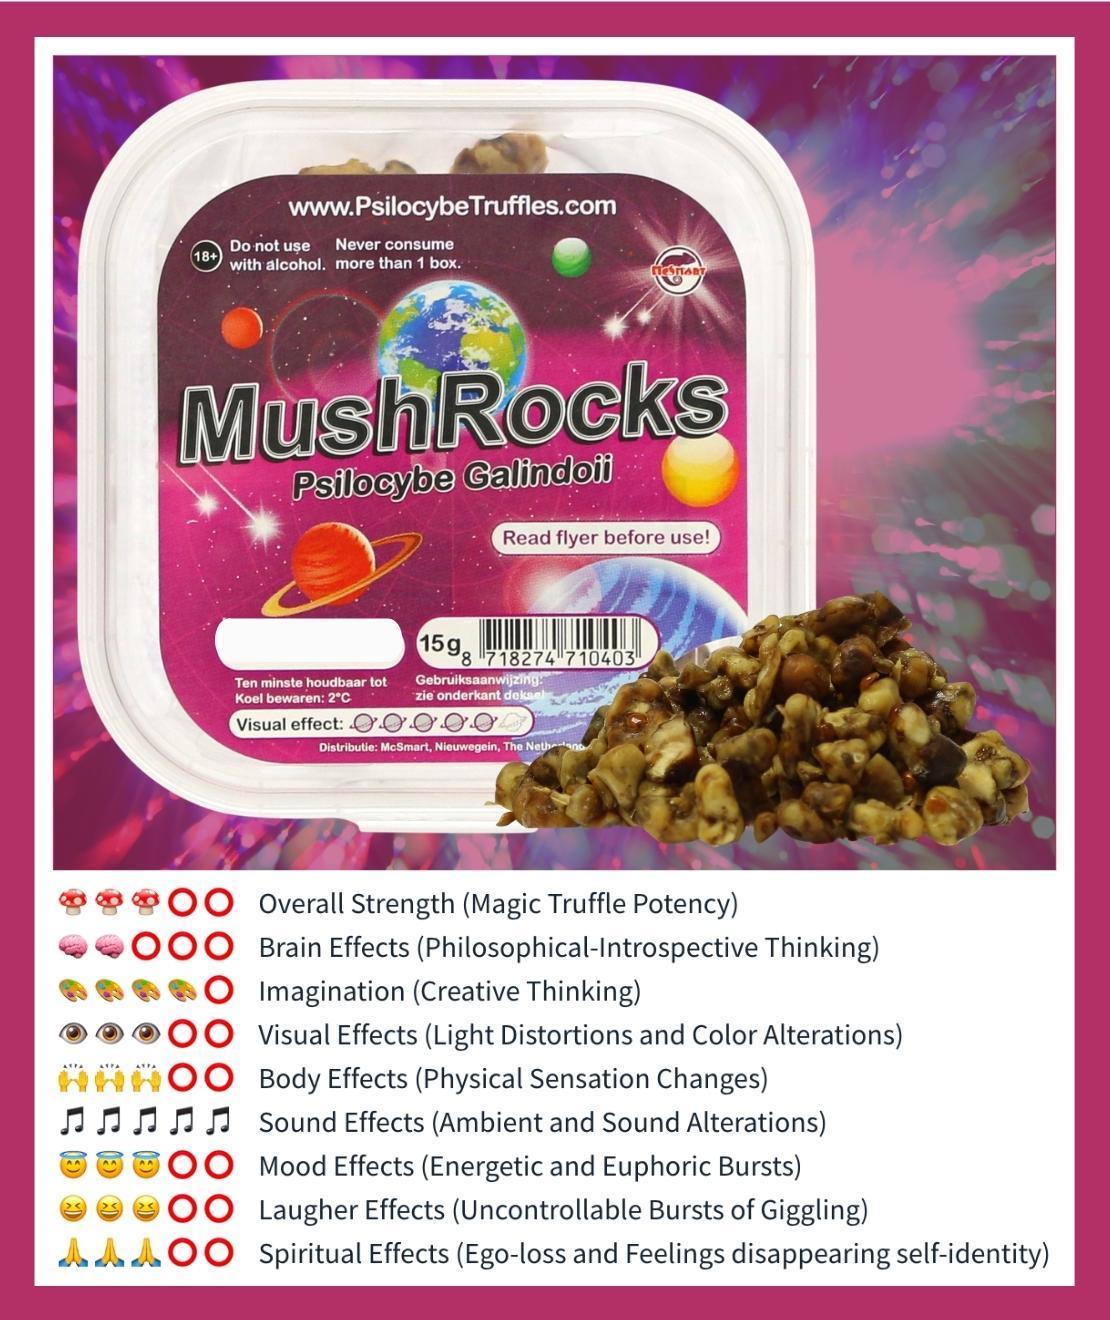 MushRocks Magic Truffles strength chart